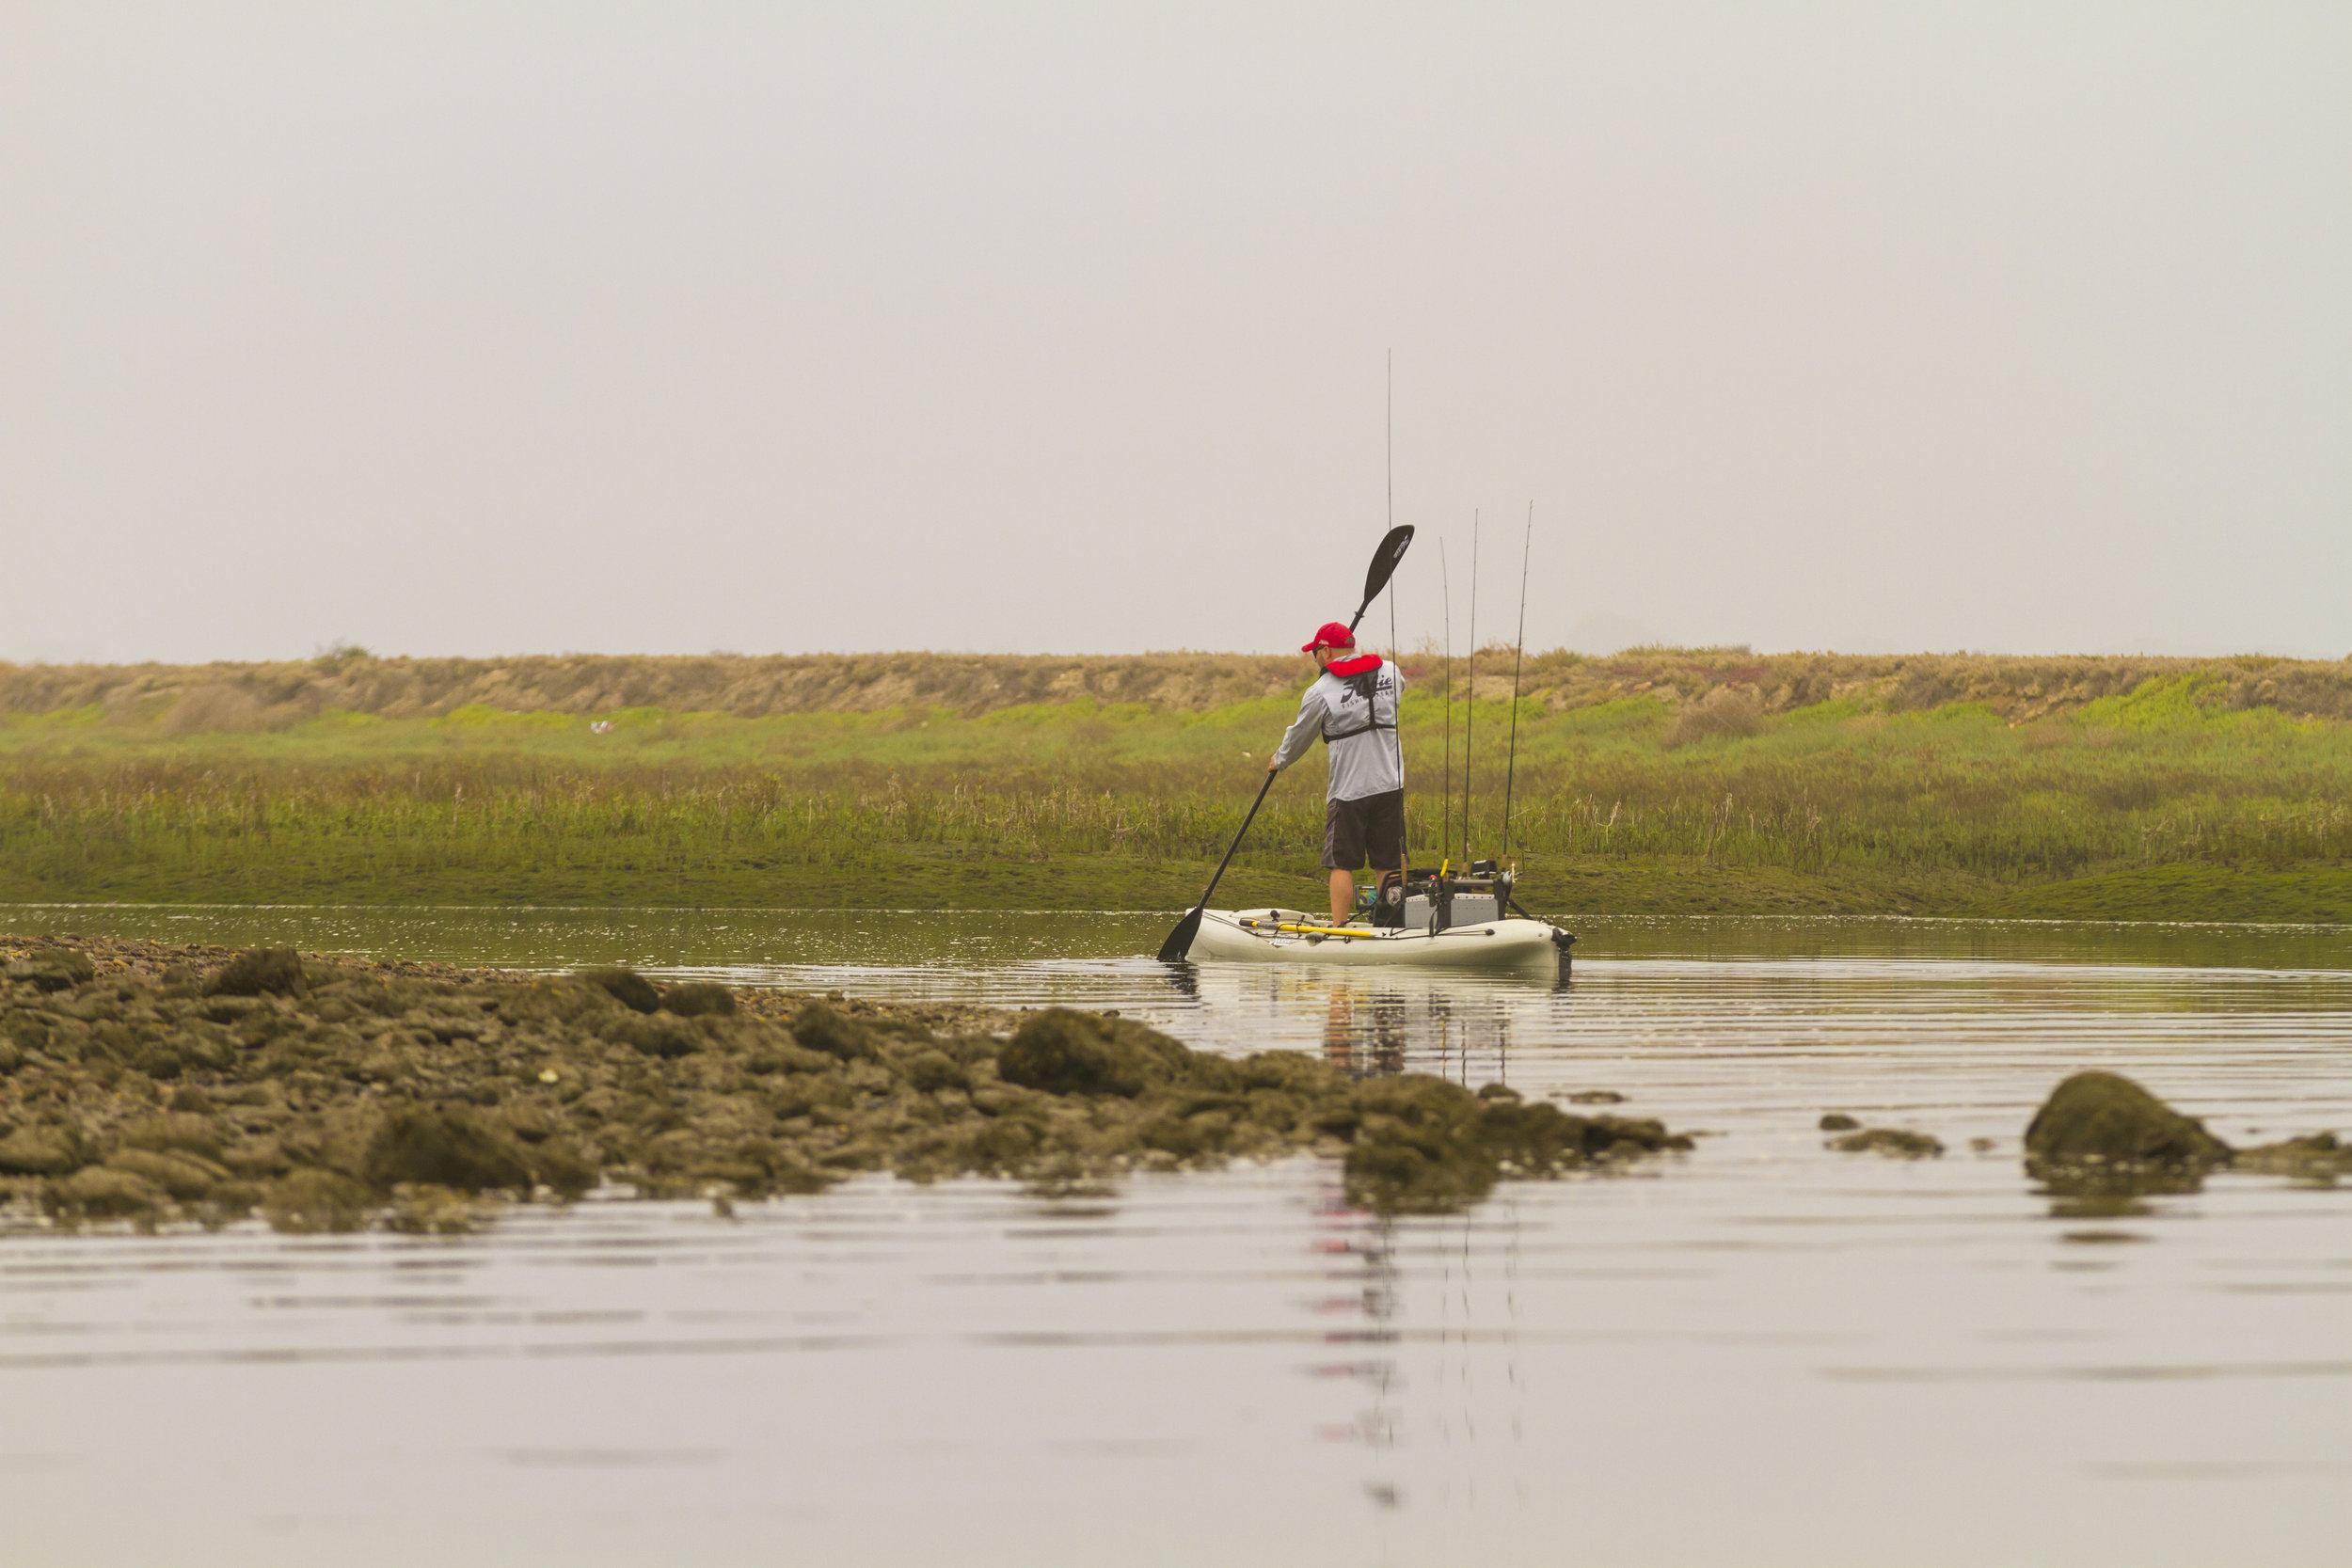 Quest13_fishing_foggy_Shane_dune_standing_8963_full.jpg